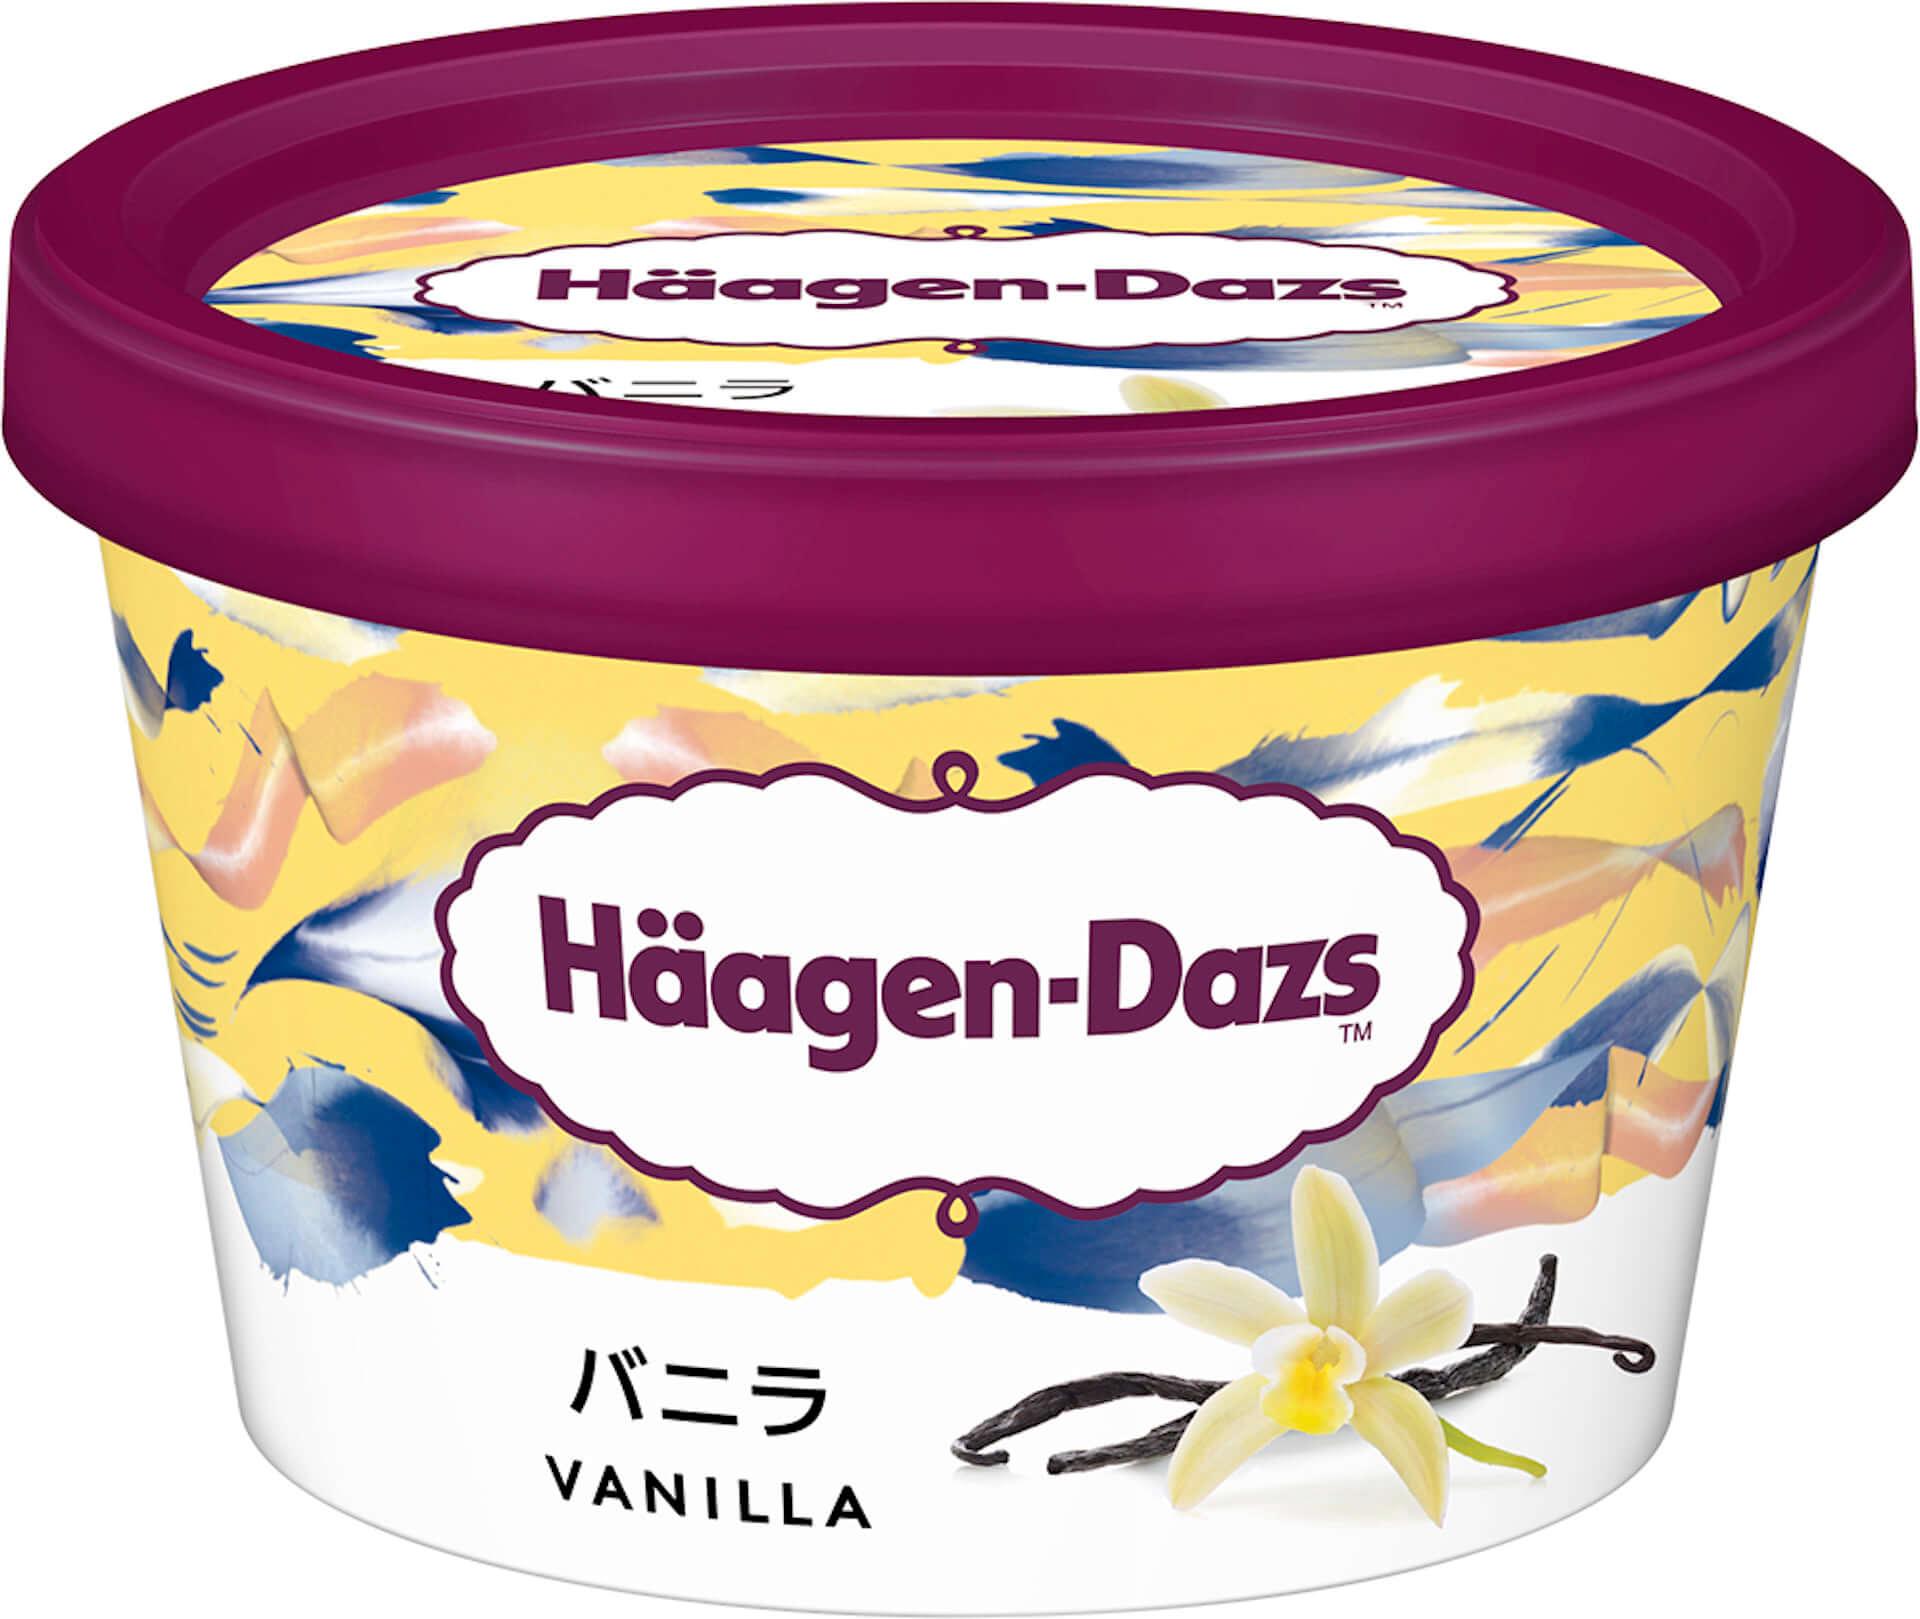 ハーゲンダッツ、ラム酒の芳醇な香り漂うミニカップ『ラムレーズン』が風味豊かにリニューアル!待望の通年販売商品として登場 gourmet200803_haagen-dazs_6-1920x1619